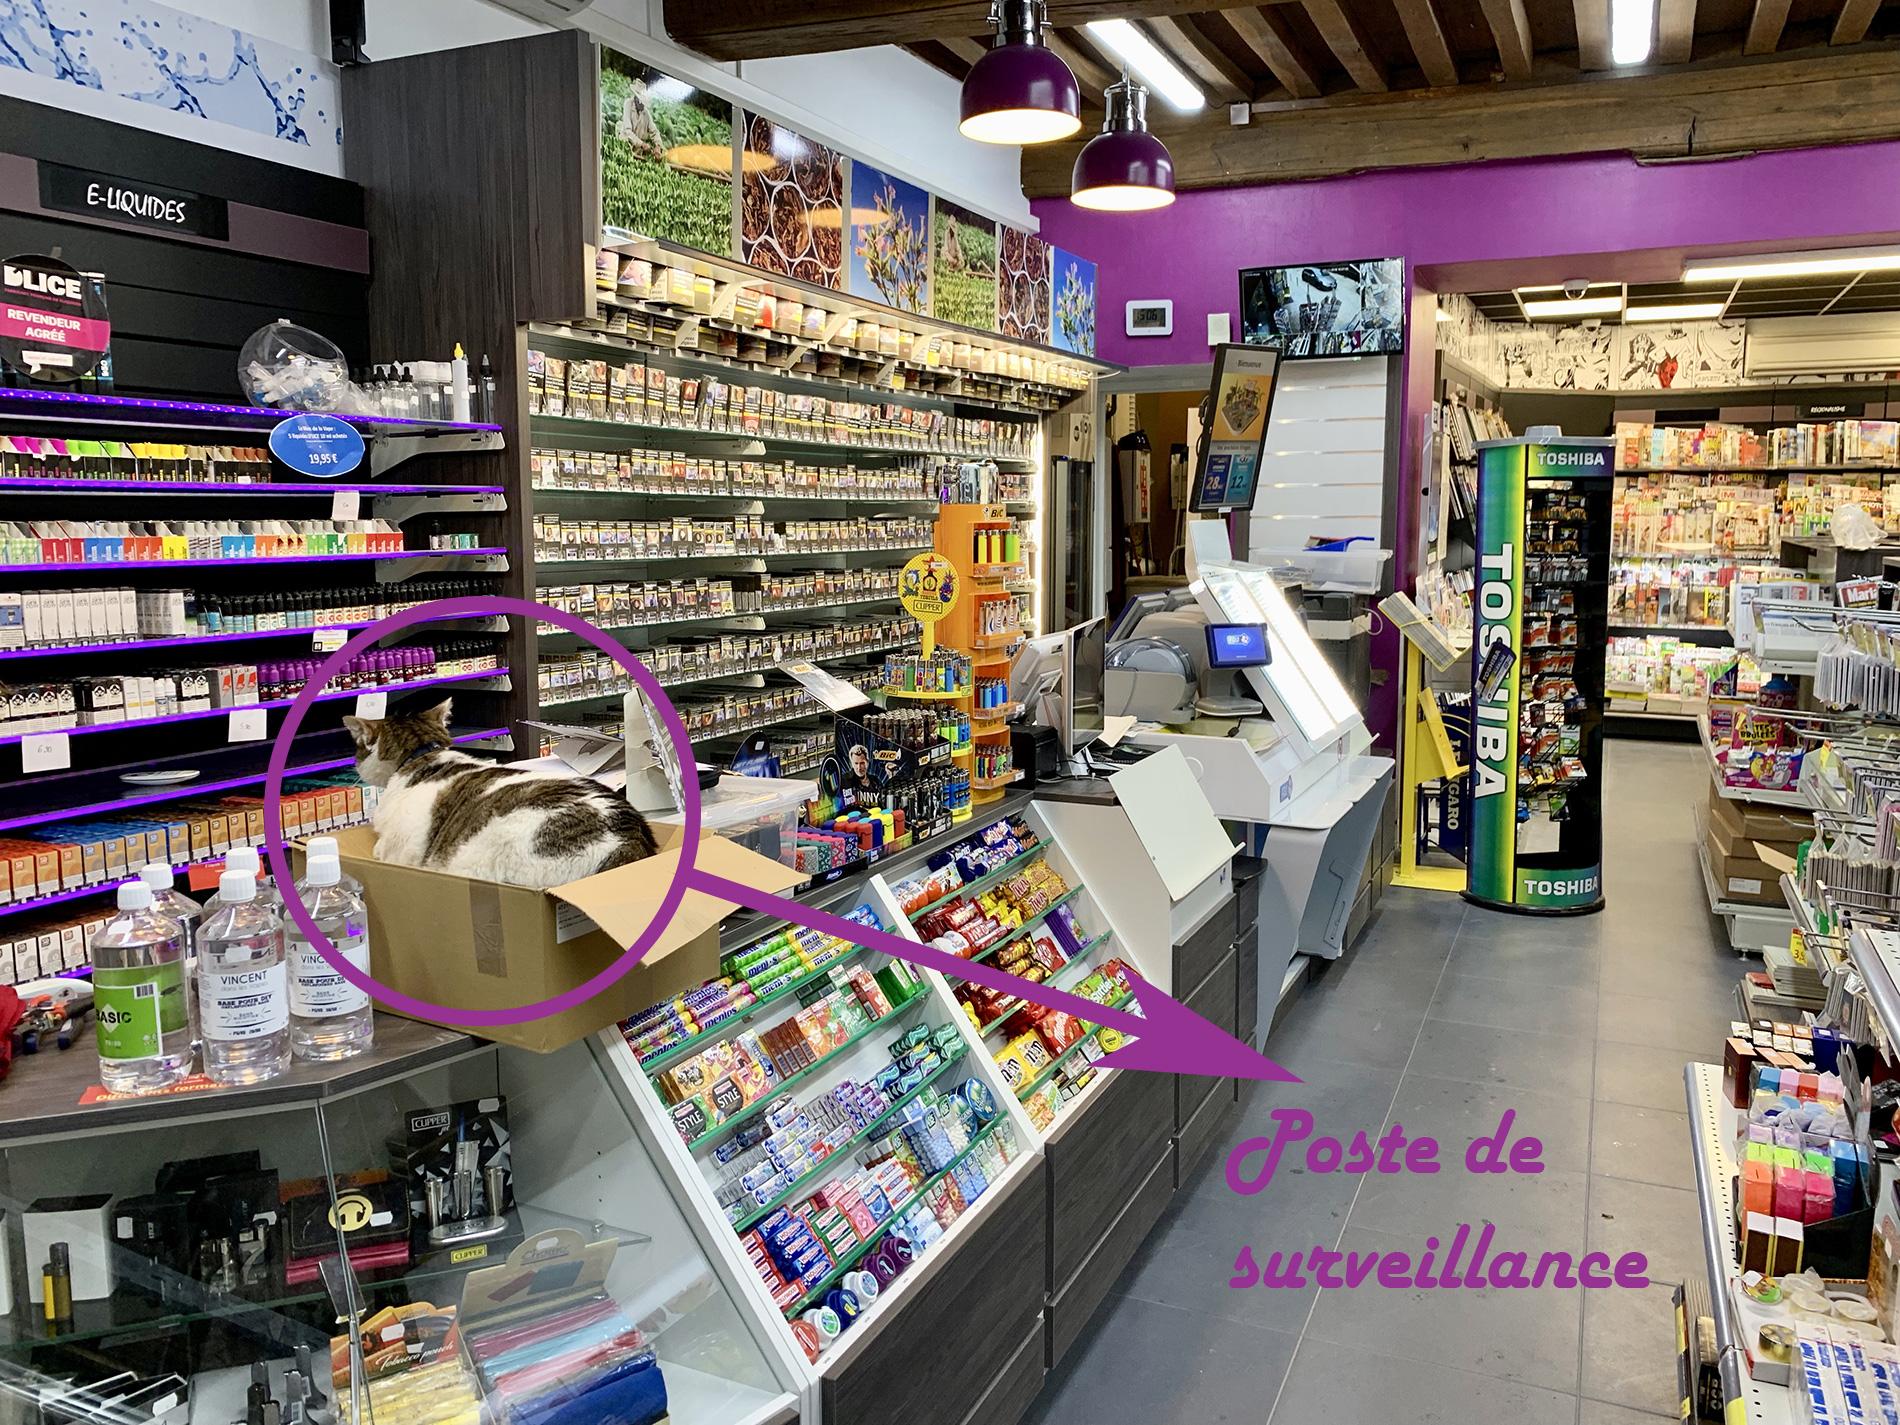 nuits-st-georges-ligne-caisse-linéaires-tabac-vape/a2m diffusion